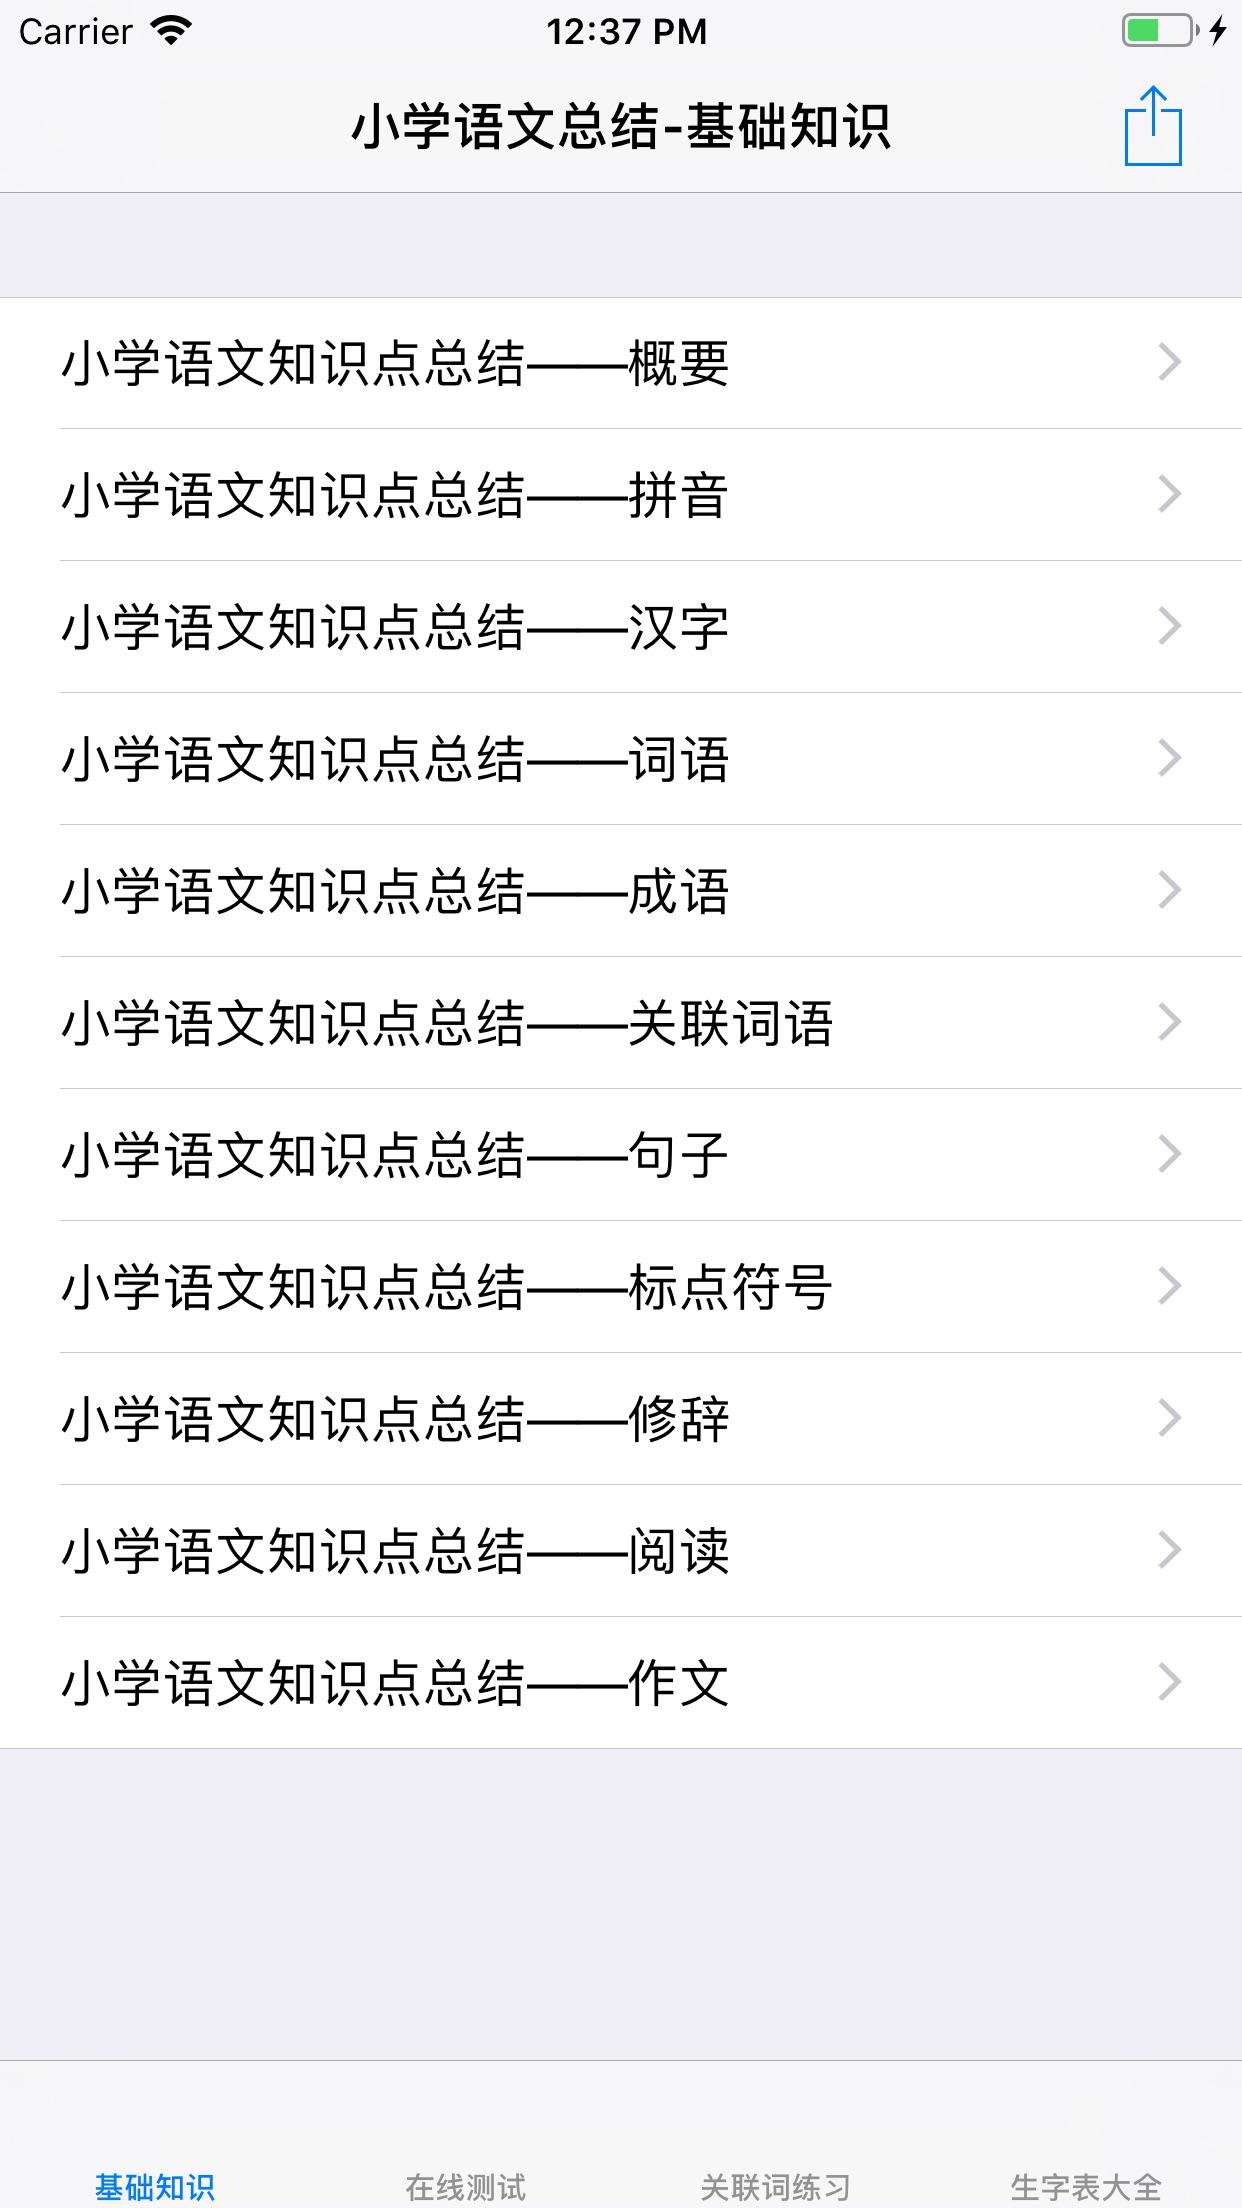 小学语文总结大全 Screenshot